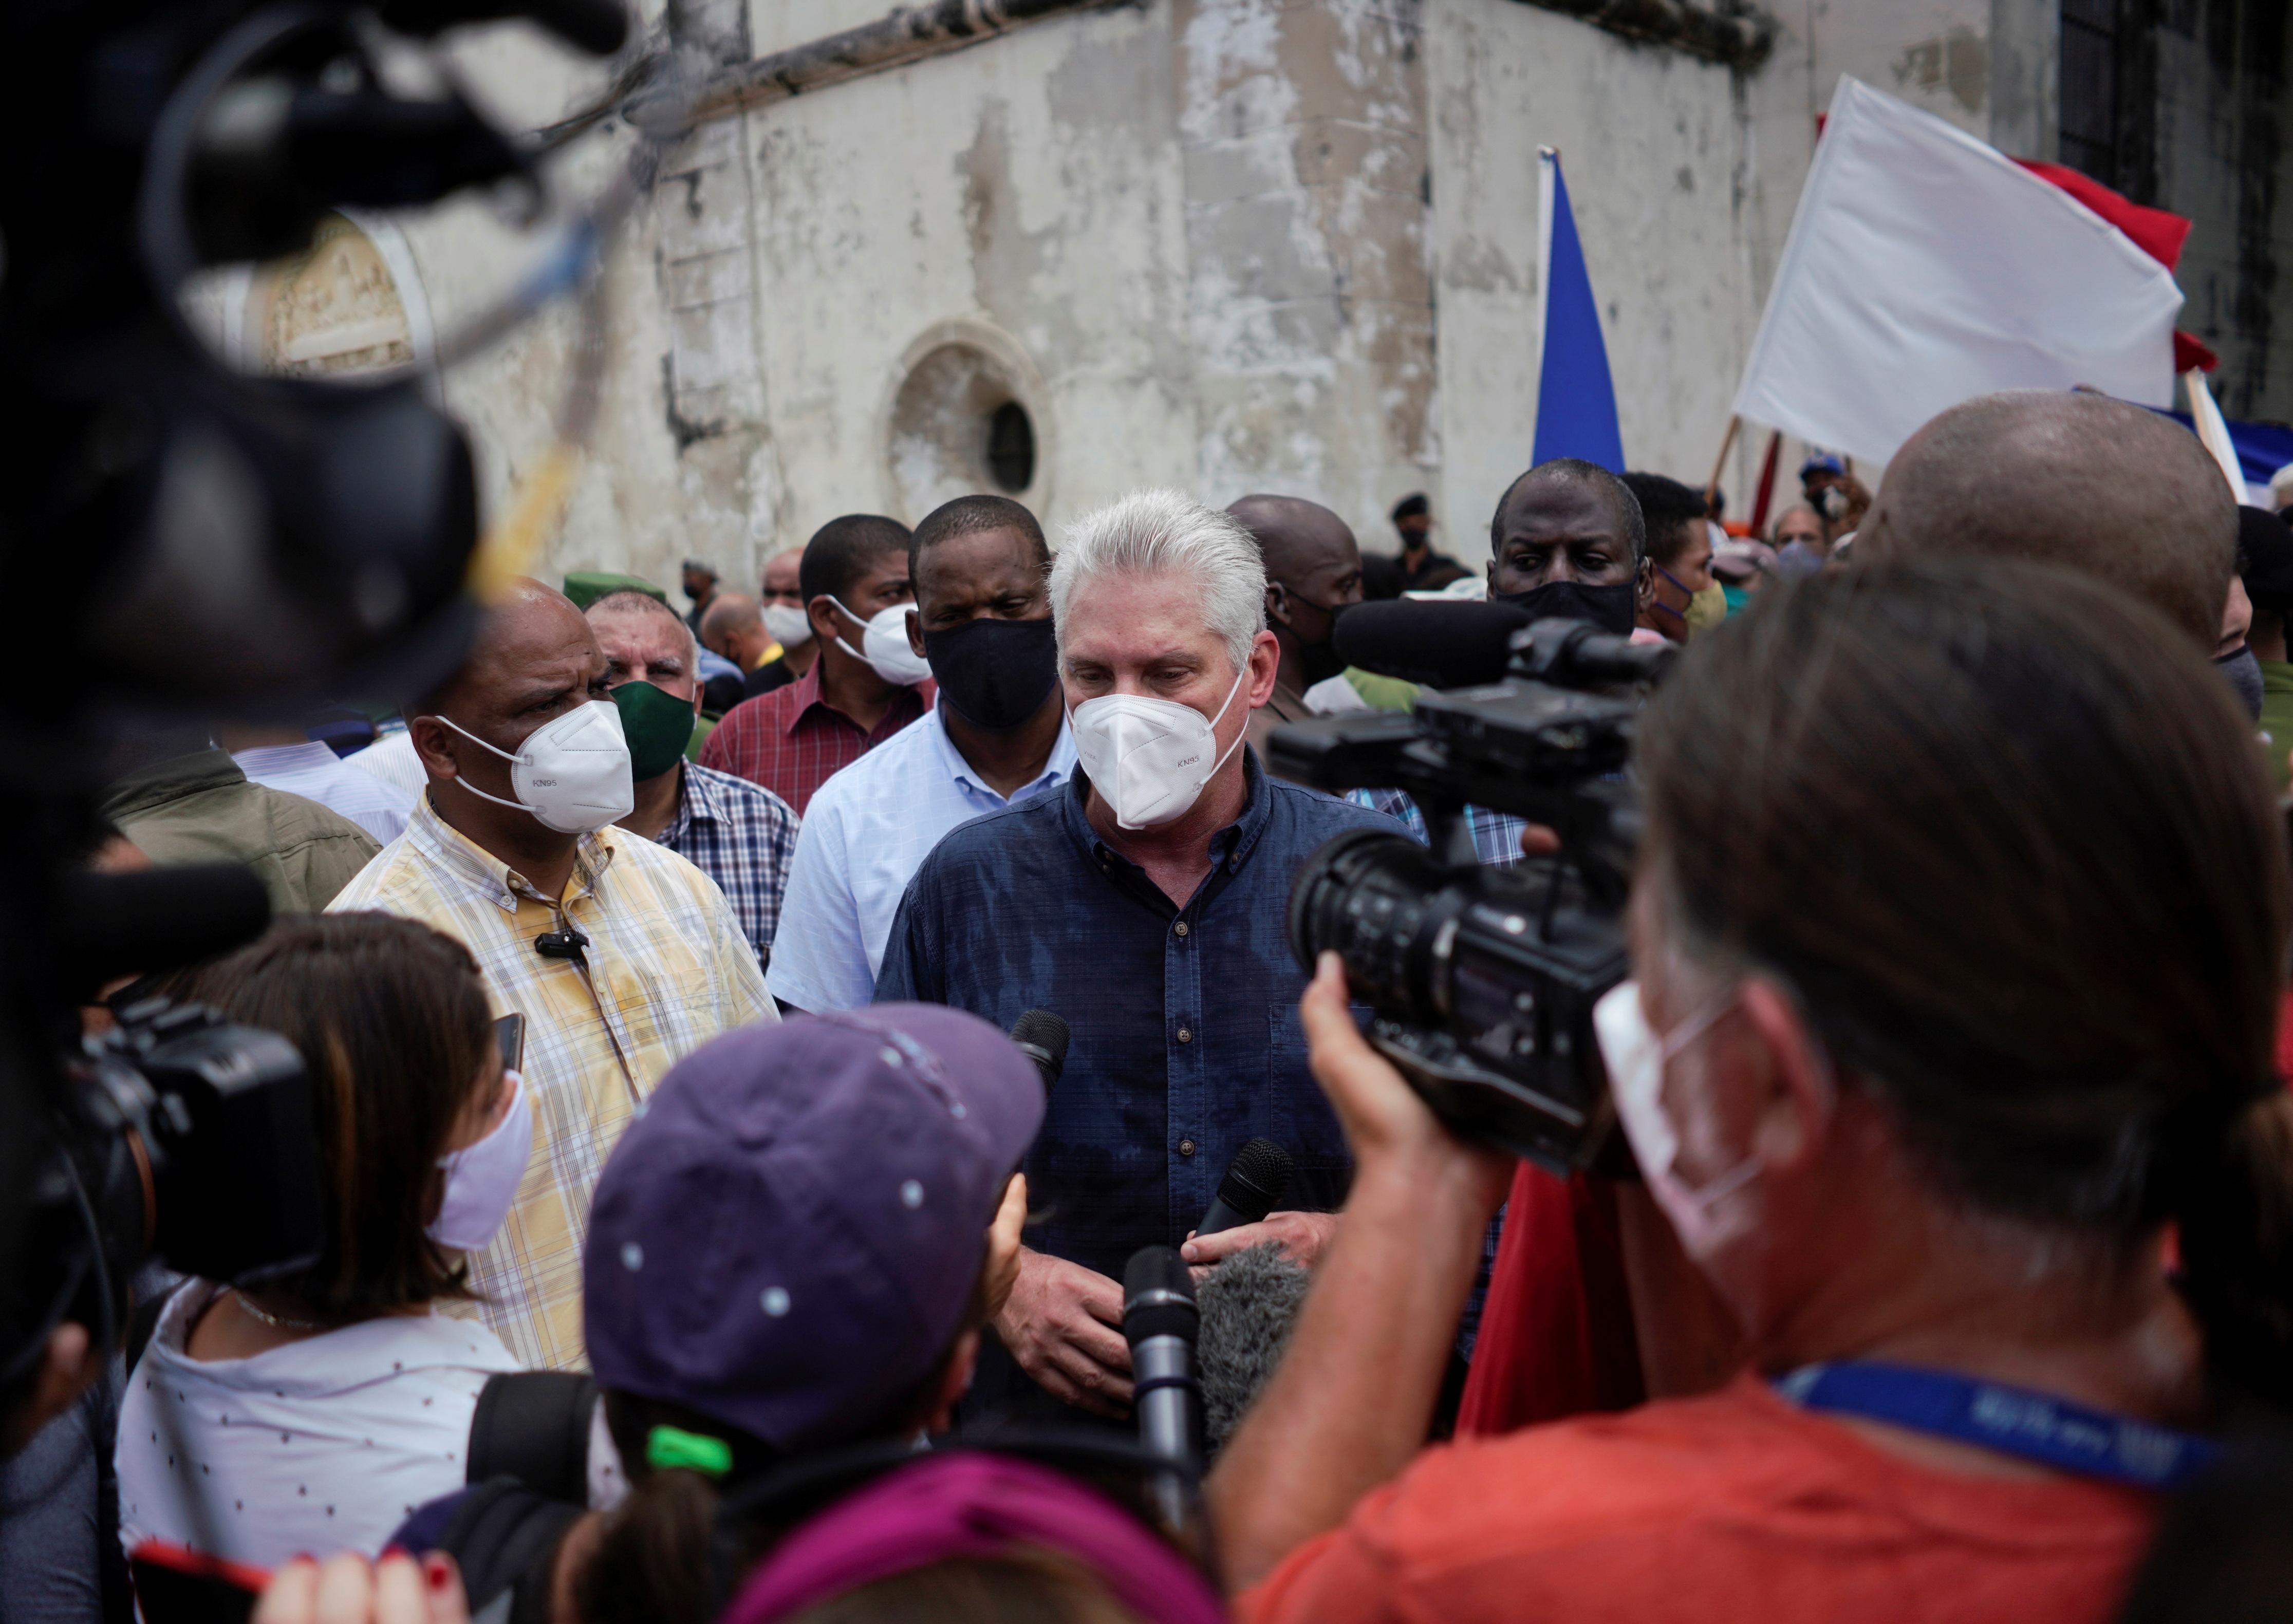 Cuba's President Miguel Diaz-Canel talks to the media, in San Antonio de los Banos, Cuba July 11, 2021. REUTERS/Alexandre Meneghini